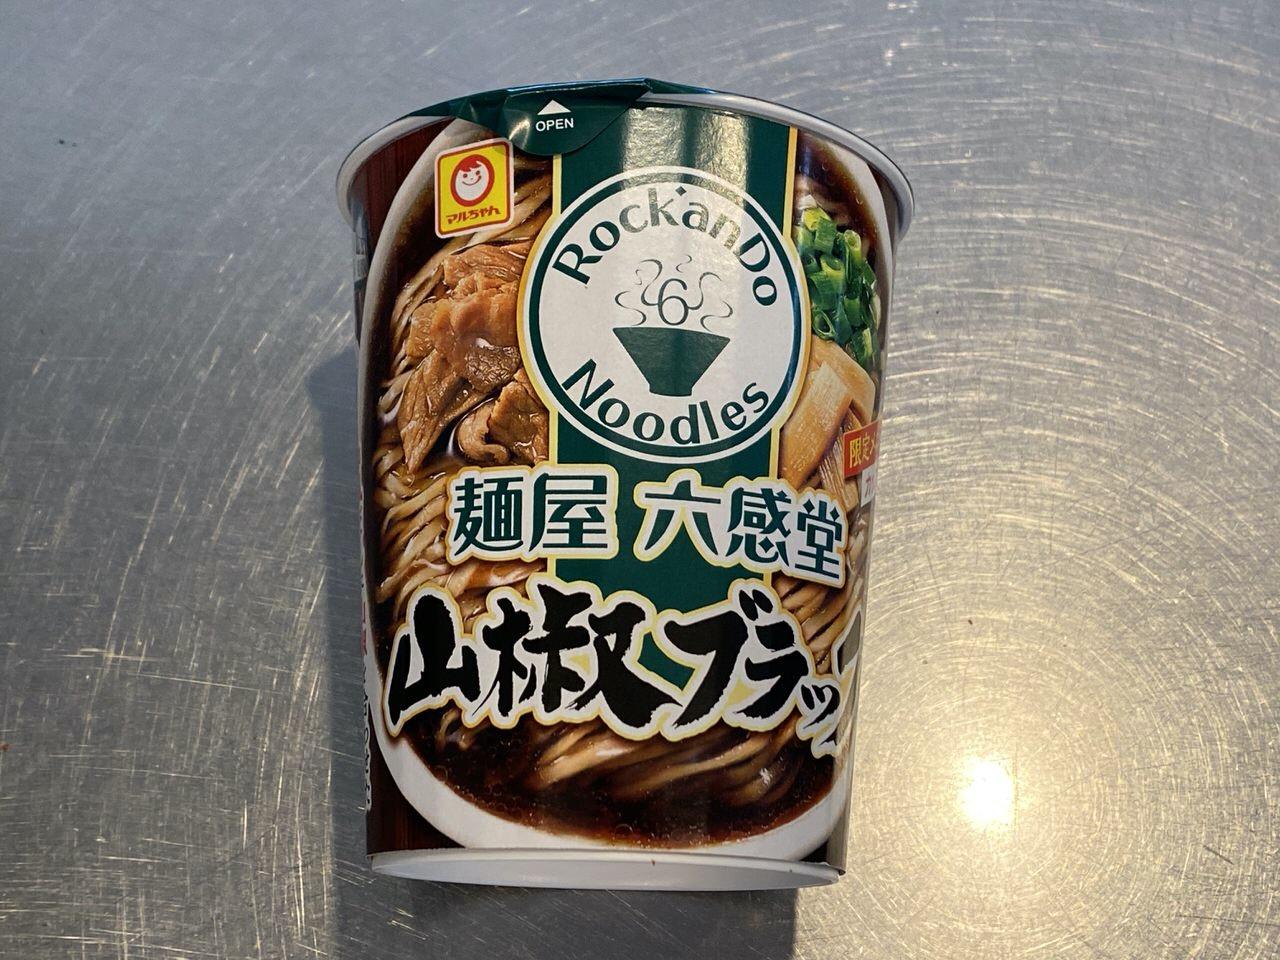 【ファミマ限定】「麺屋 六感堂 山椒ブラック」カップ麺を食べてみた